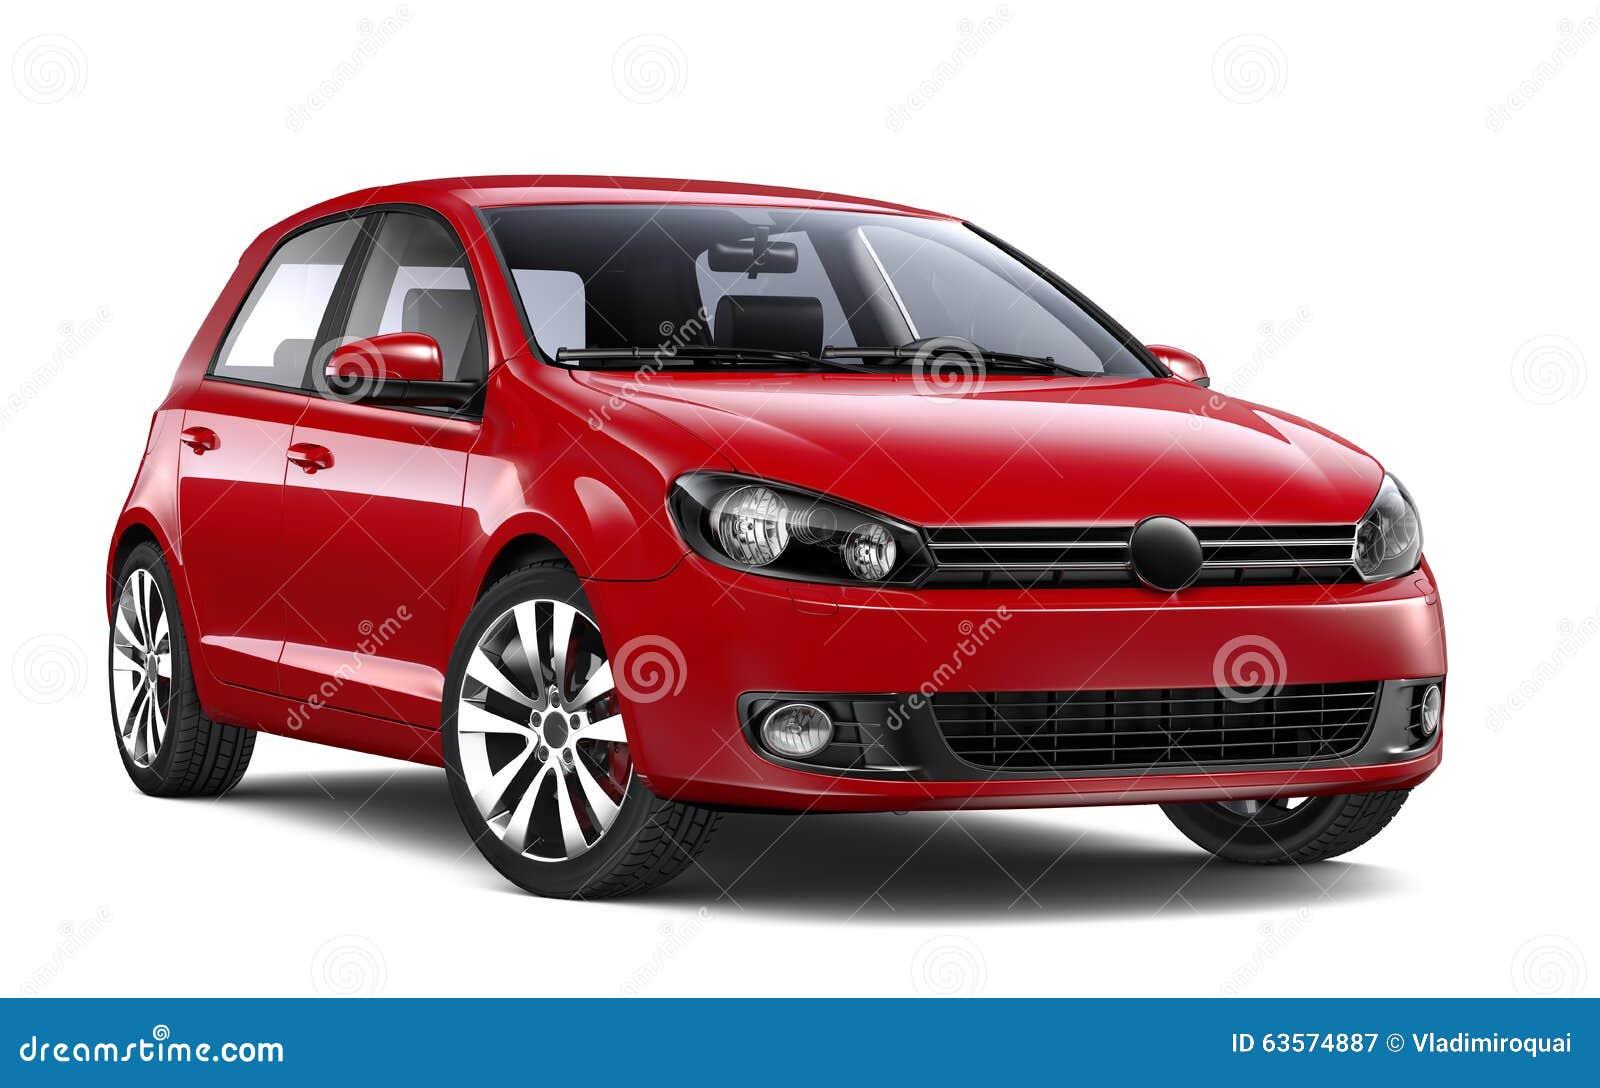 Red Hatchback Car Stock Illustration - Image: 63574887